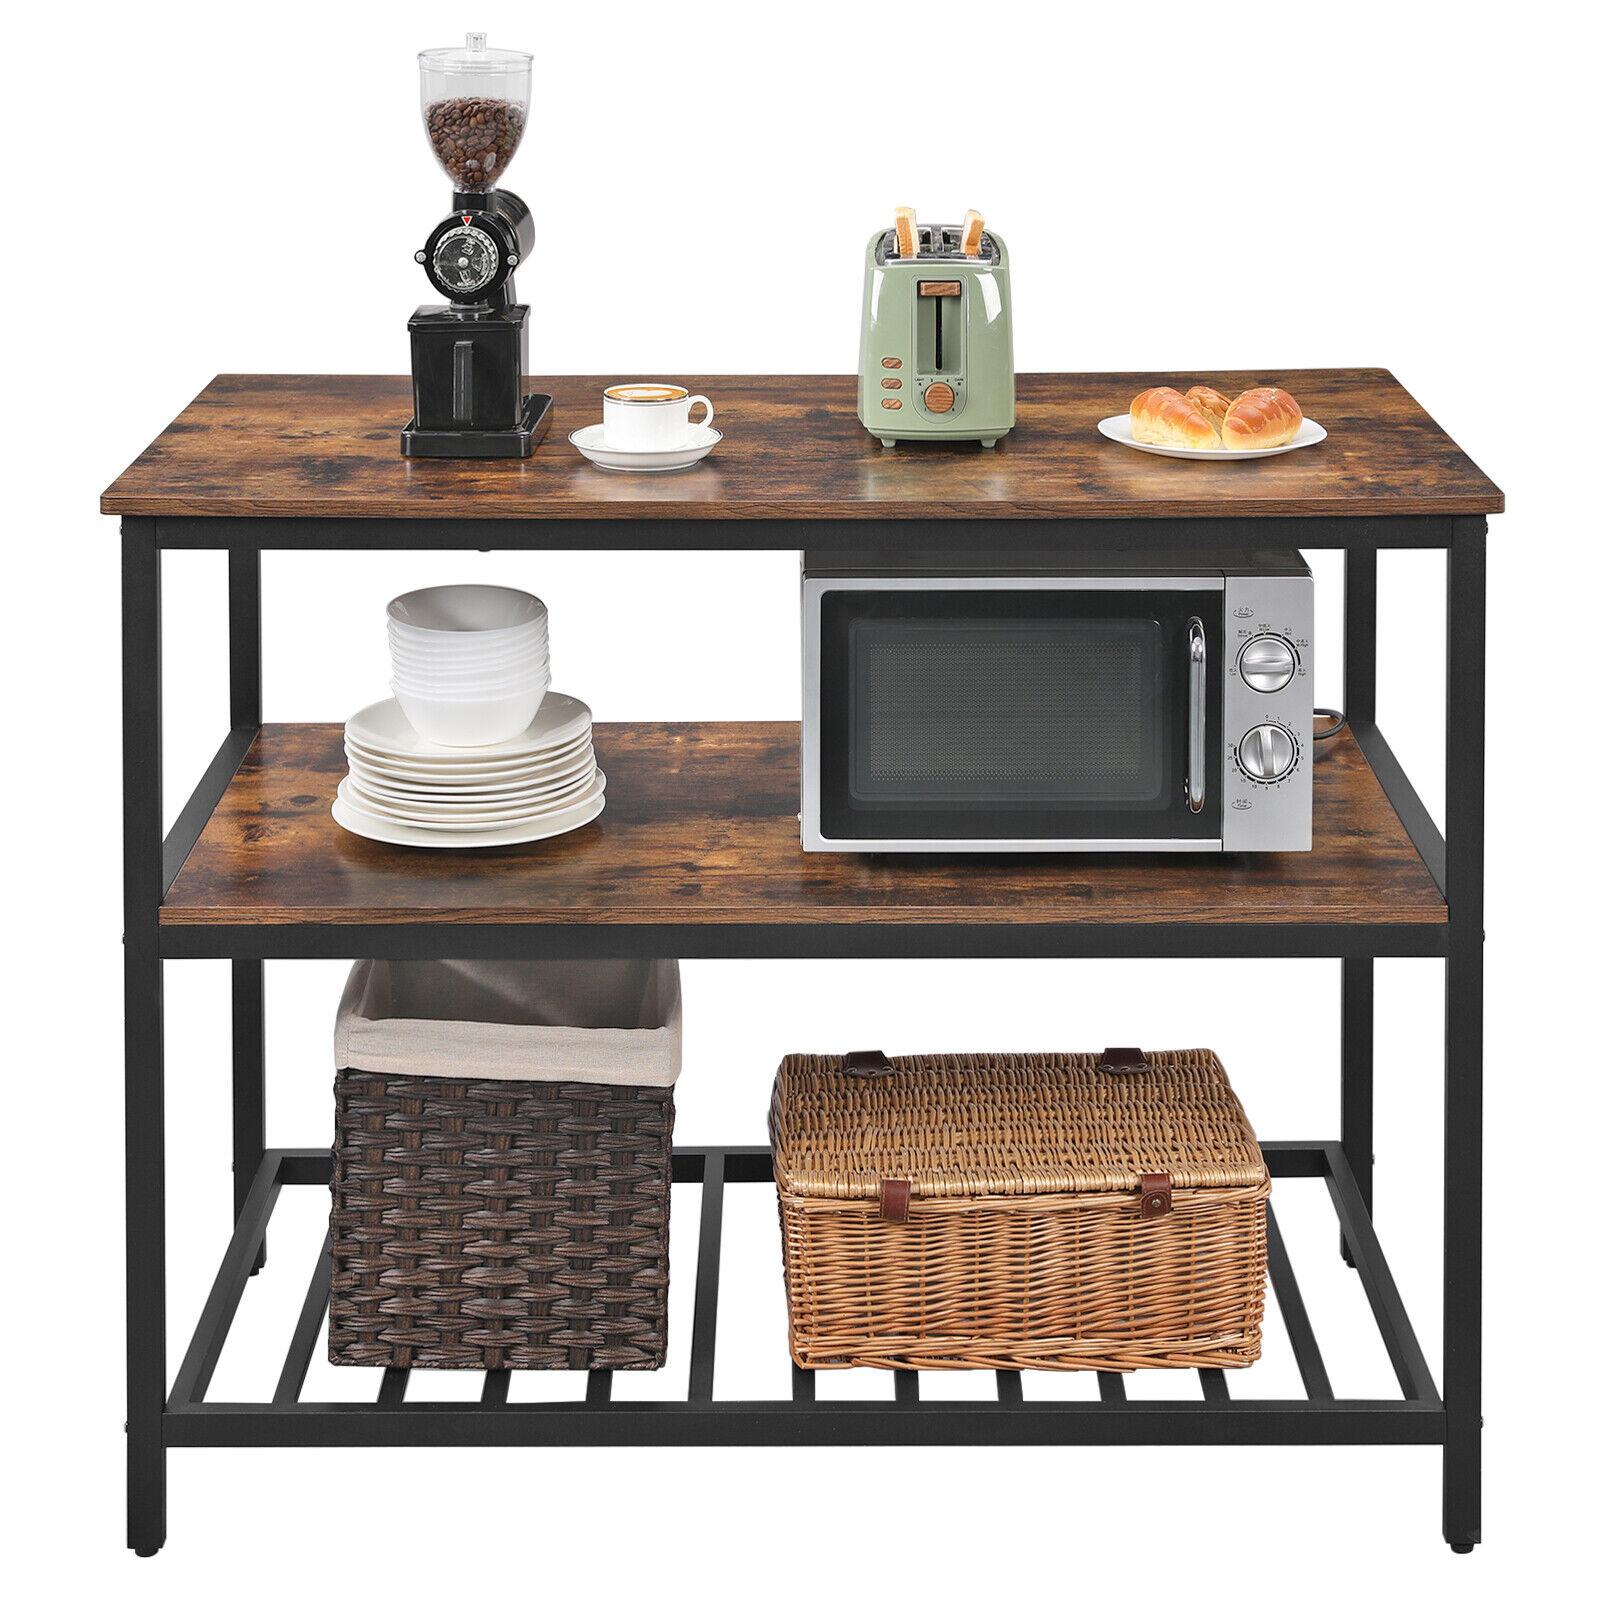 Küchenregal mit 3 Ablagen, Kücheninsel mit großer Arbeitsplatte Standregal 120cm